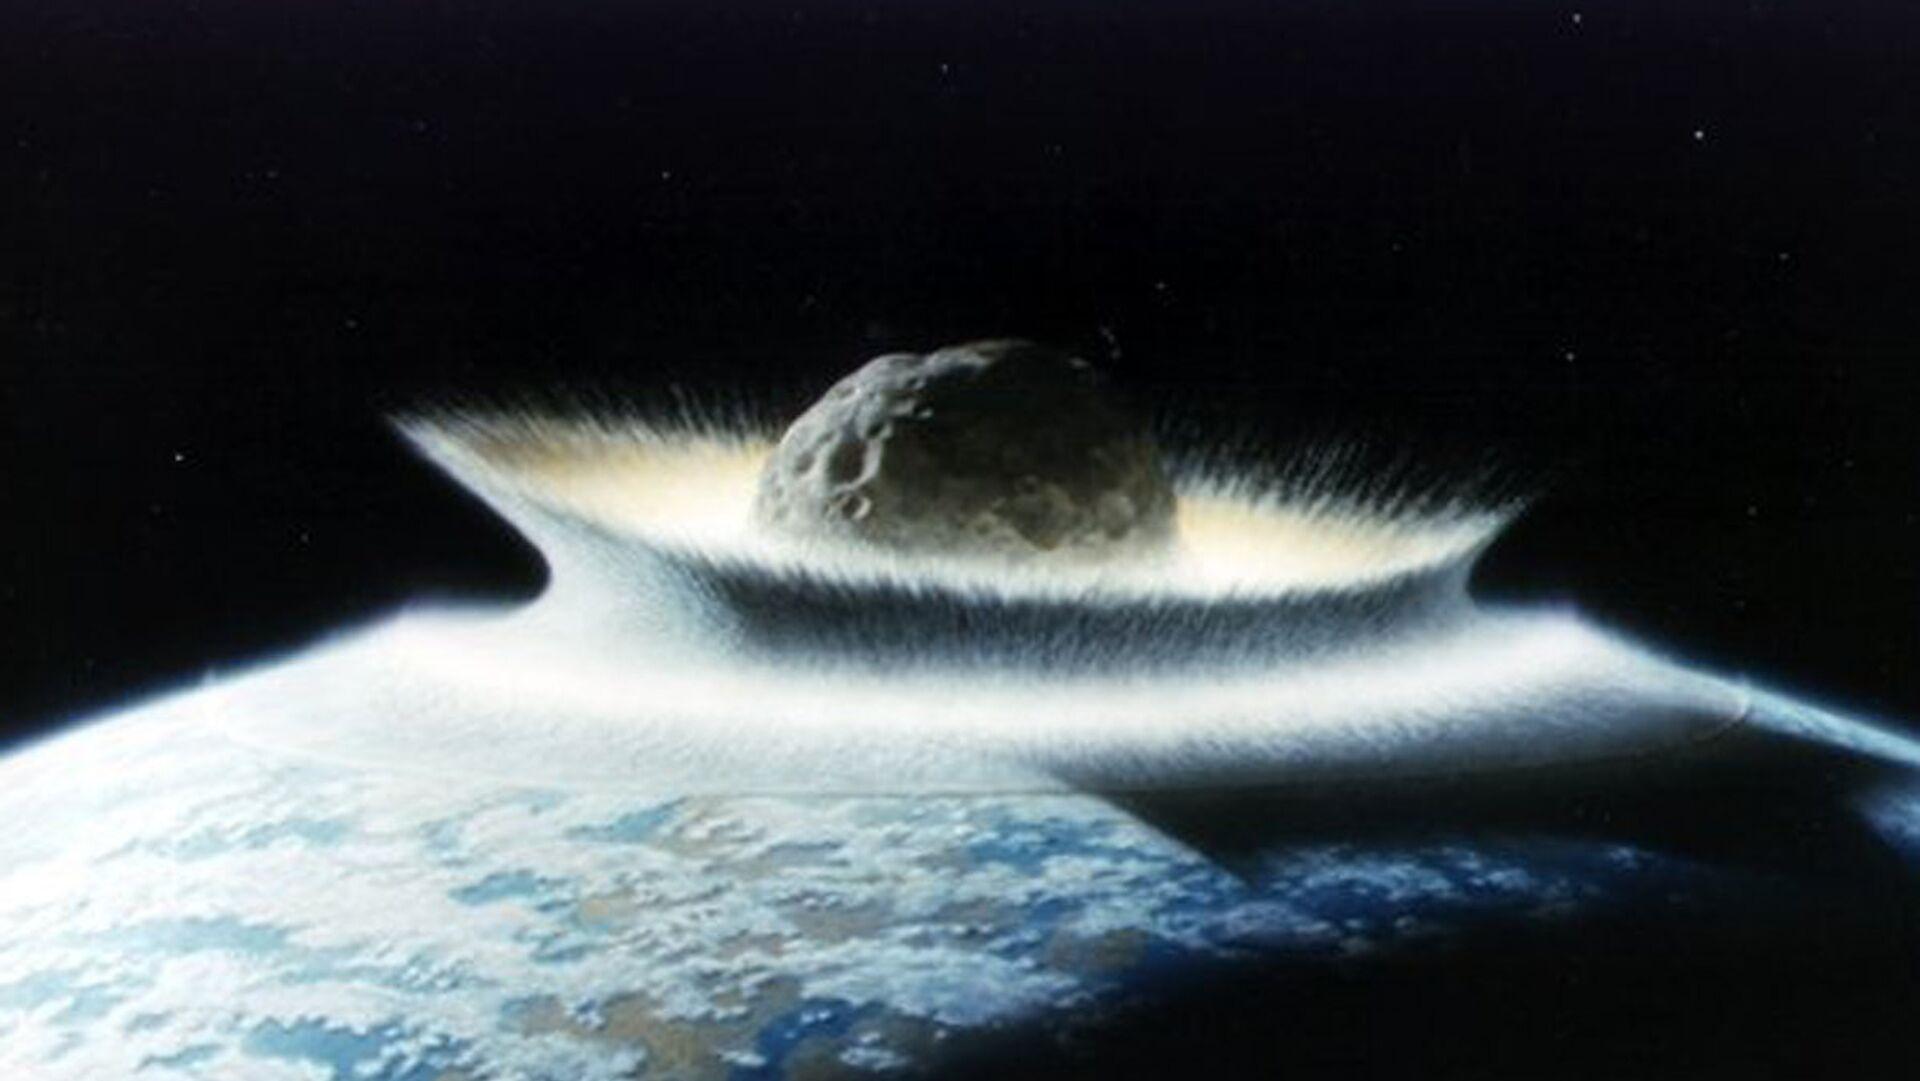 Asteroide che ha ucciso i dinosauri - Sputnik Italia, 1920, 03.04.2021